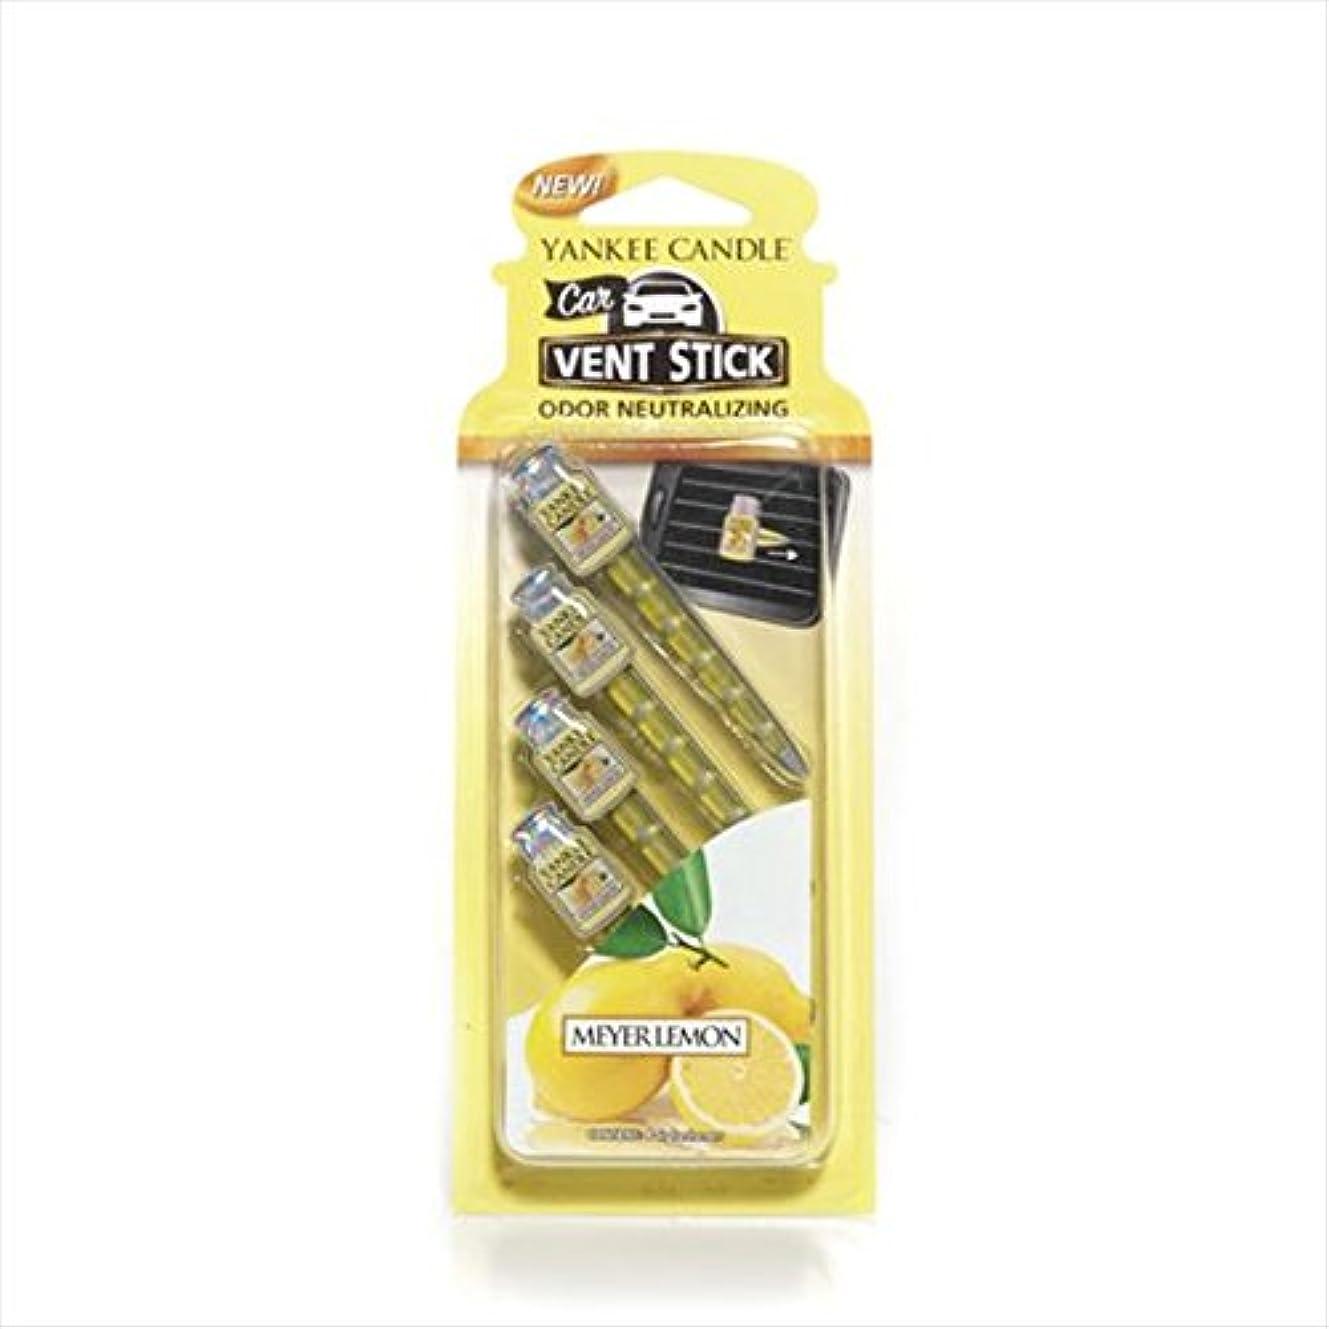 スキニー気になる一般ヤンキーキャンドル(YANKEE CANDLE) YANKEE CANDLEカーフレグランススティック 「 メイヤーレモン 」